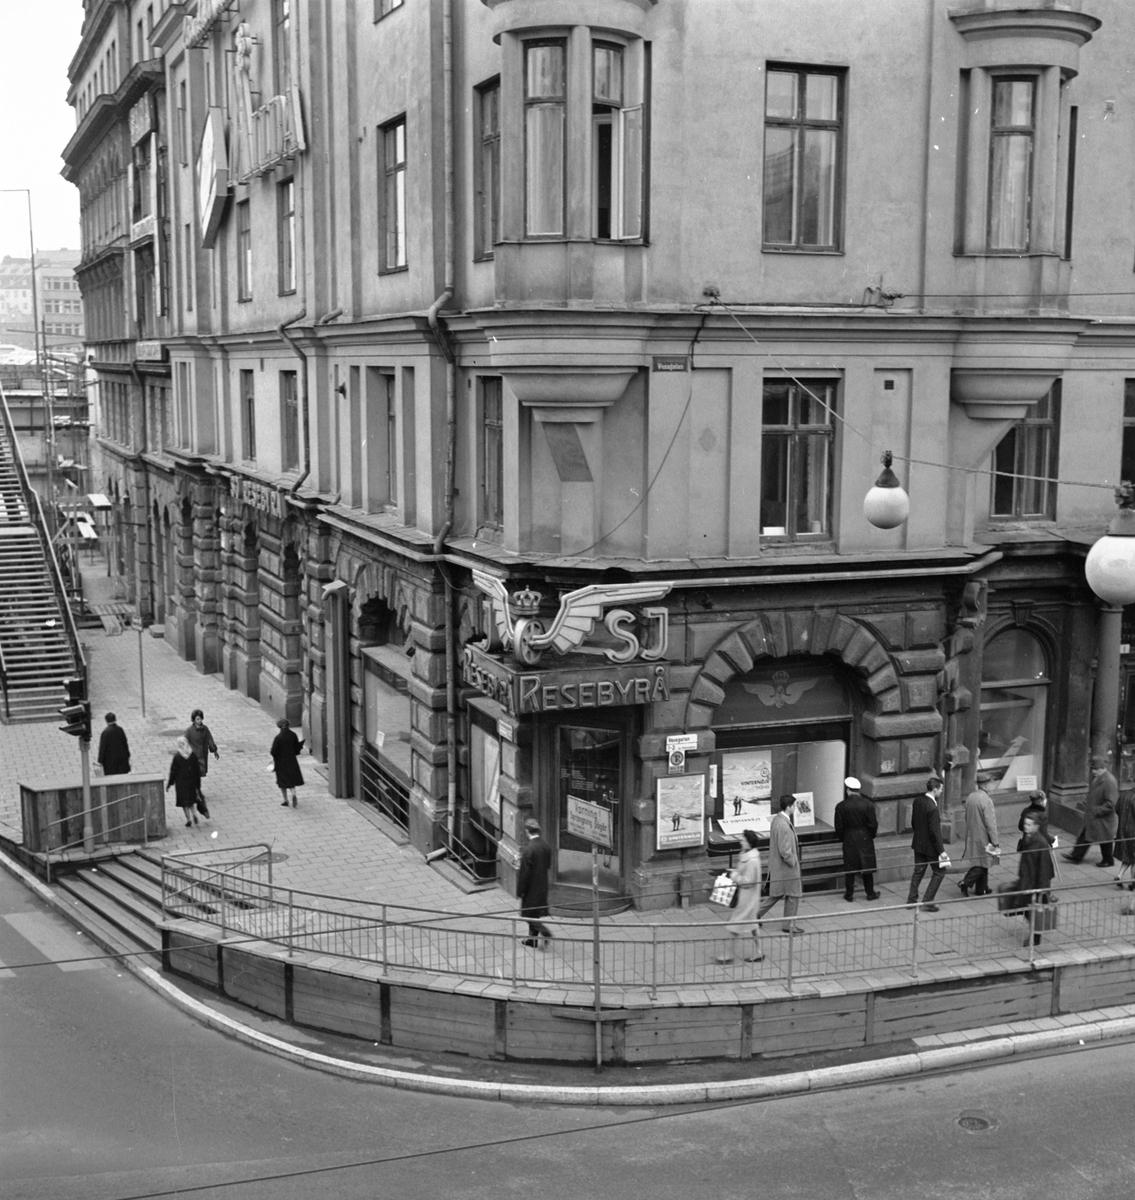 Statens Järnvägars Resebyrå, Vasagatan 1